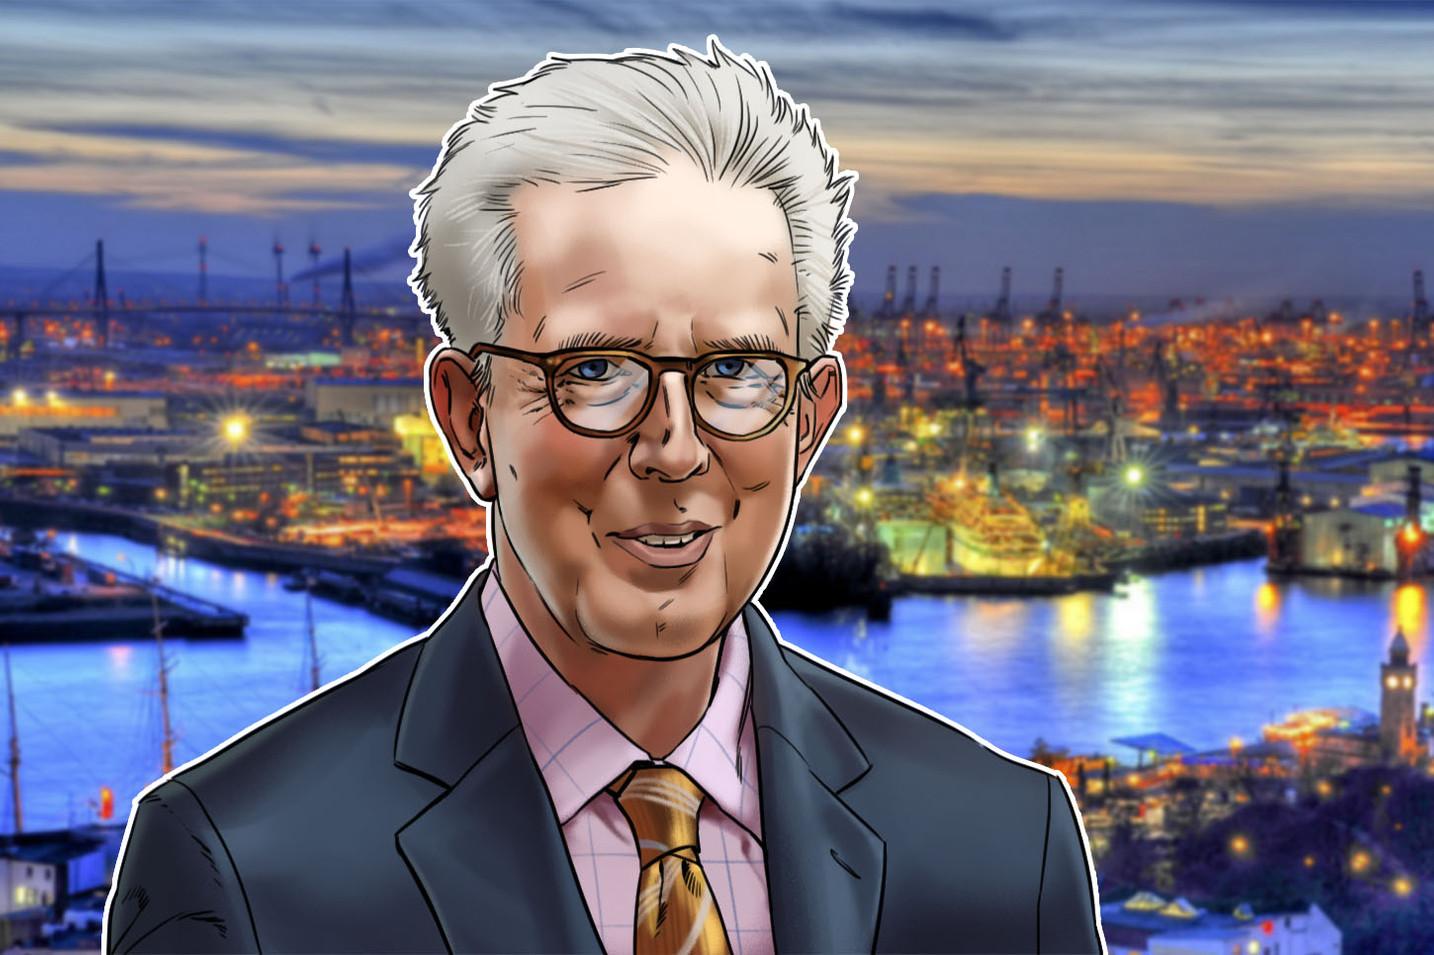 Sebastian Saxe, CDO für die Infrastruktur des Hamburger Hafens: Blockchain soll die Logistik revolutionieren